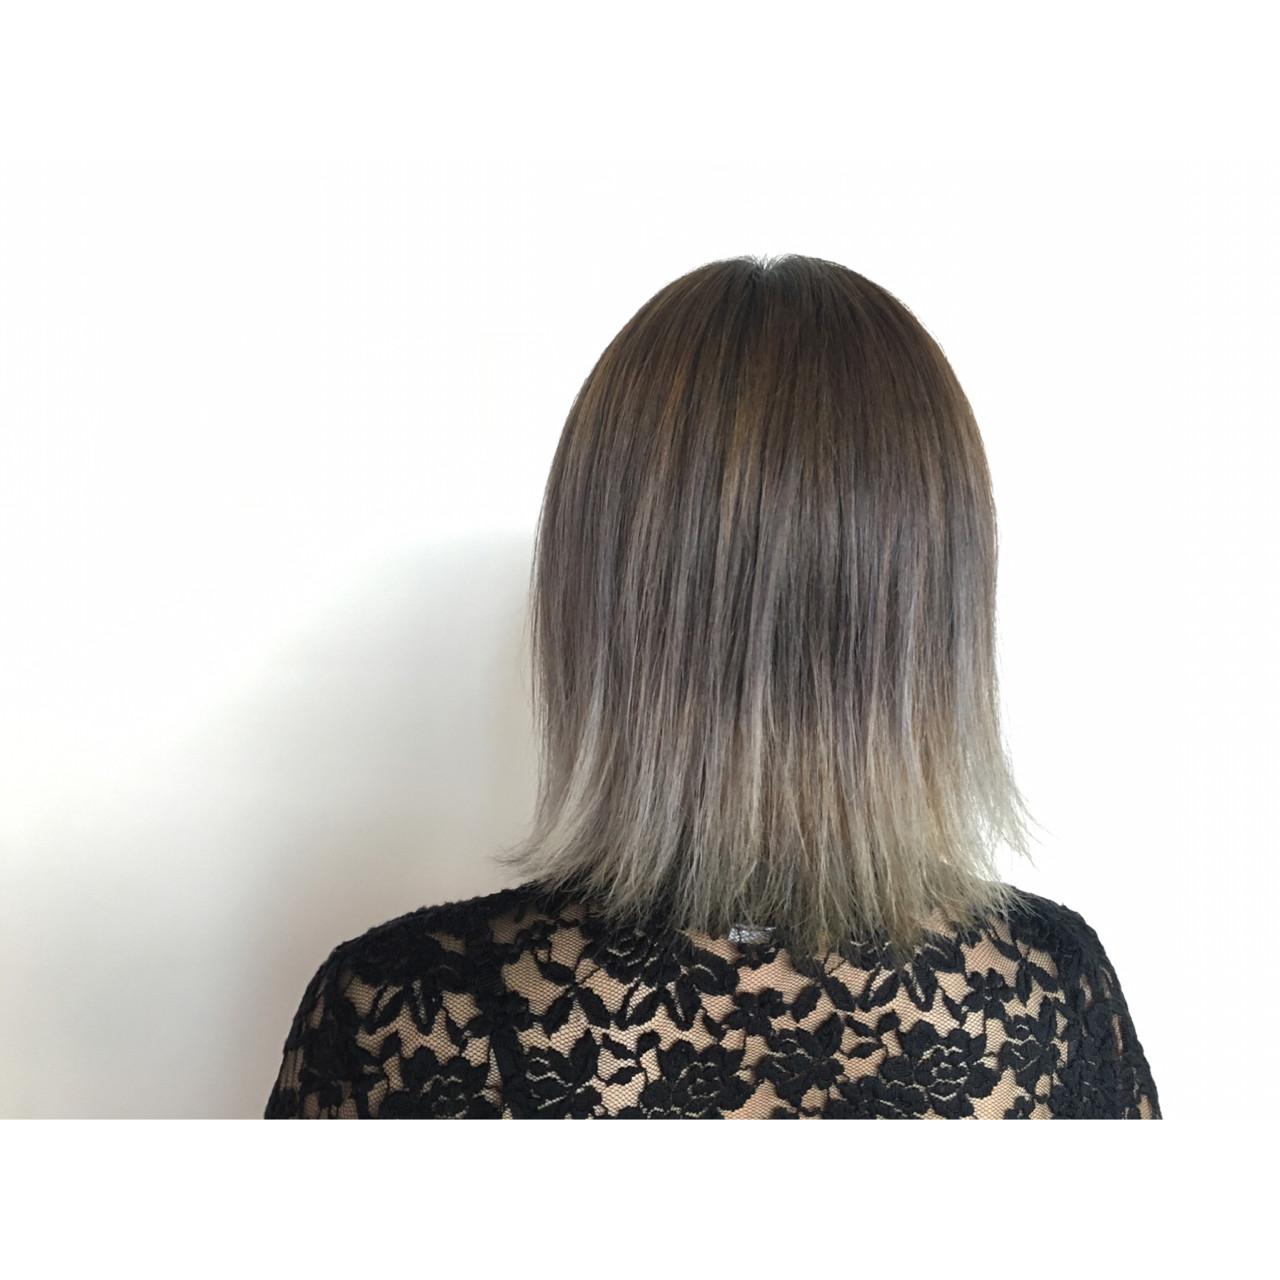 外国人風 ボブ グラデーションカラー ガーリー ヘアスタイルや髪型の写真・画像